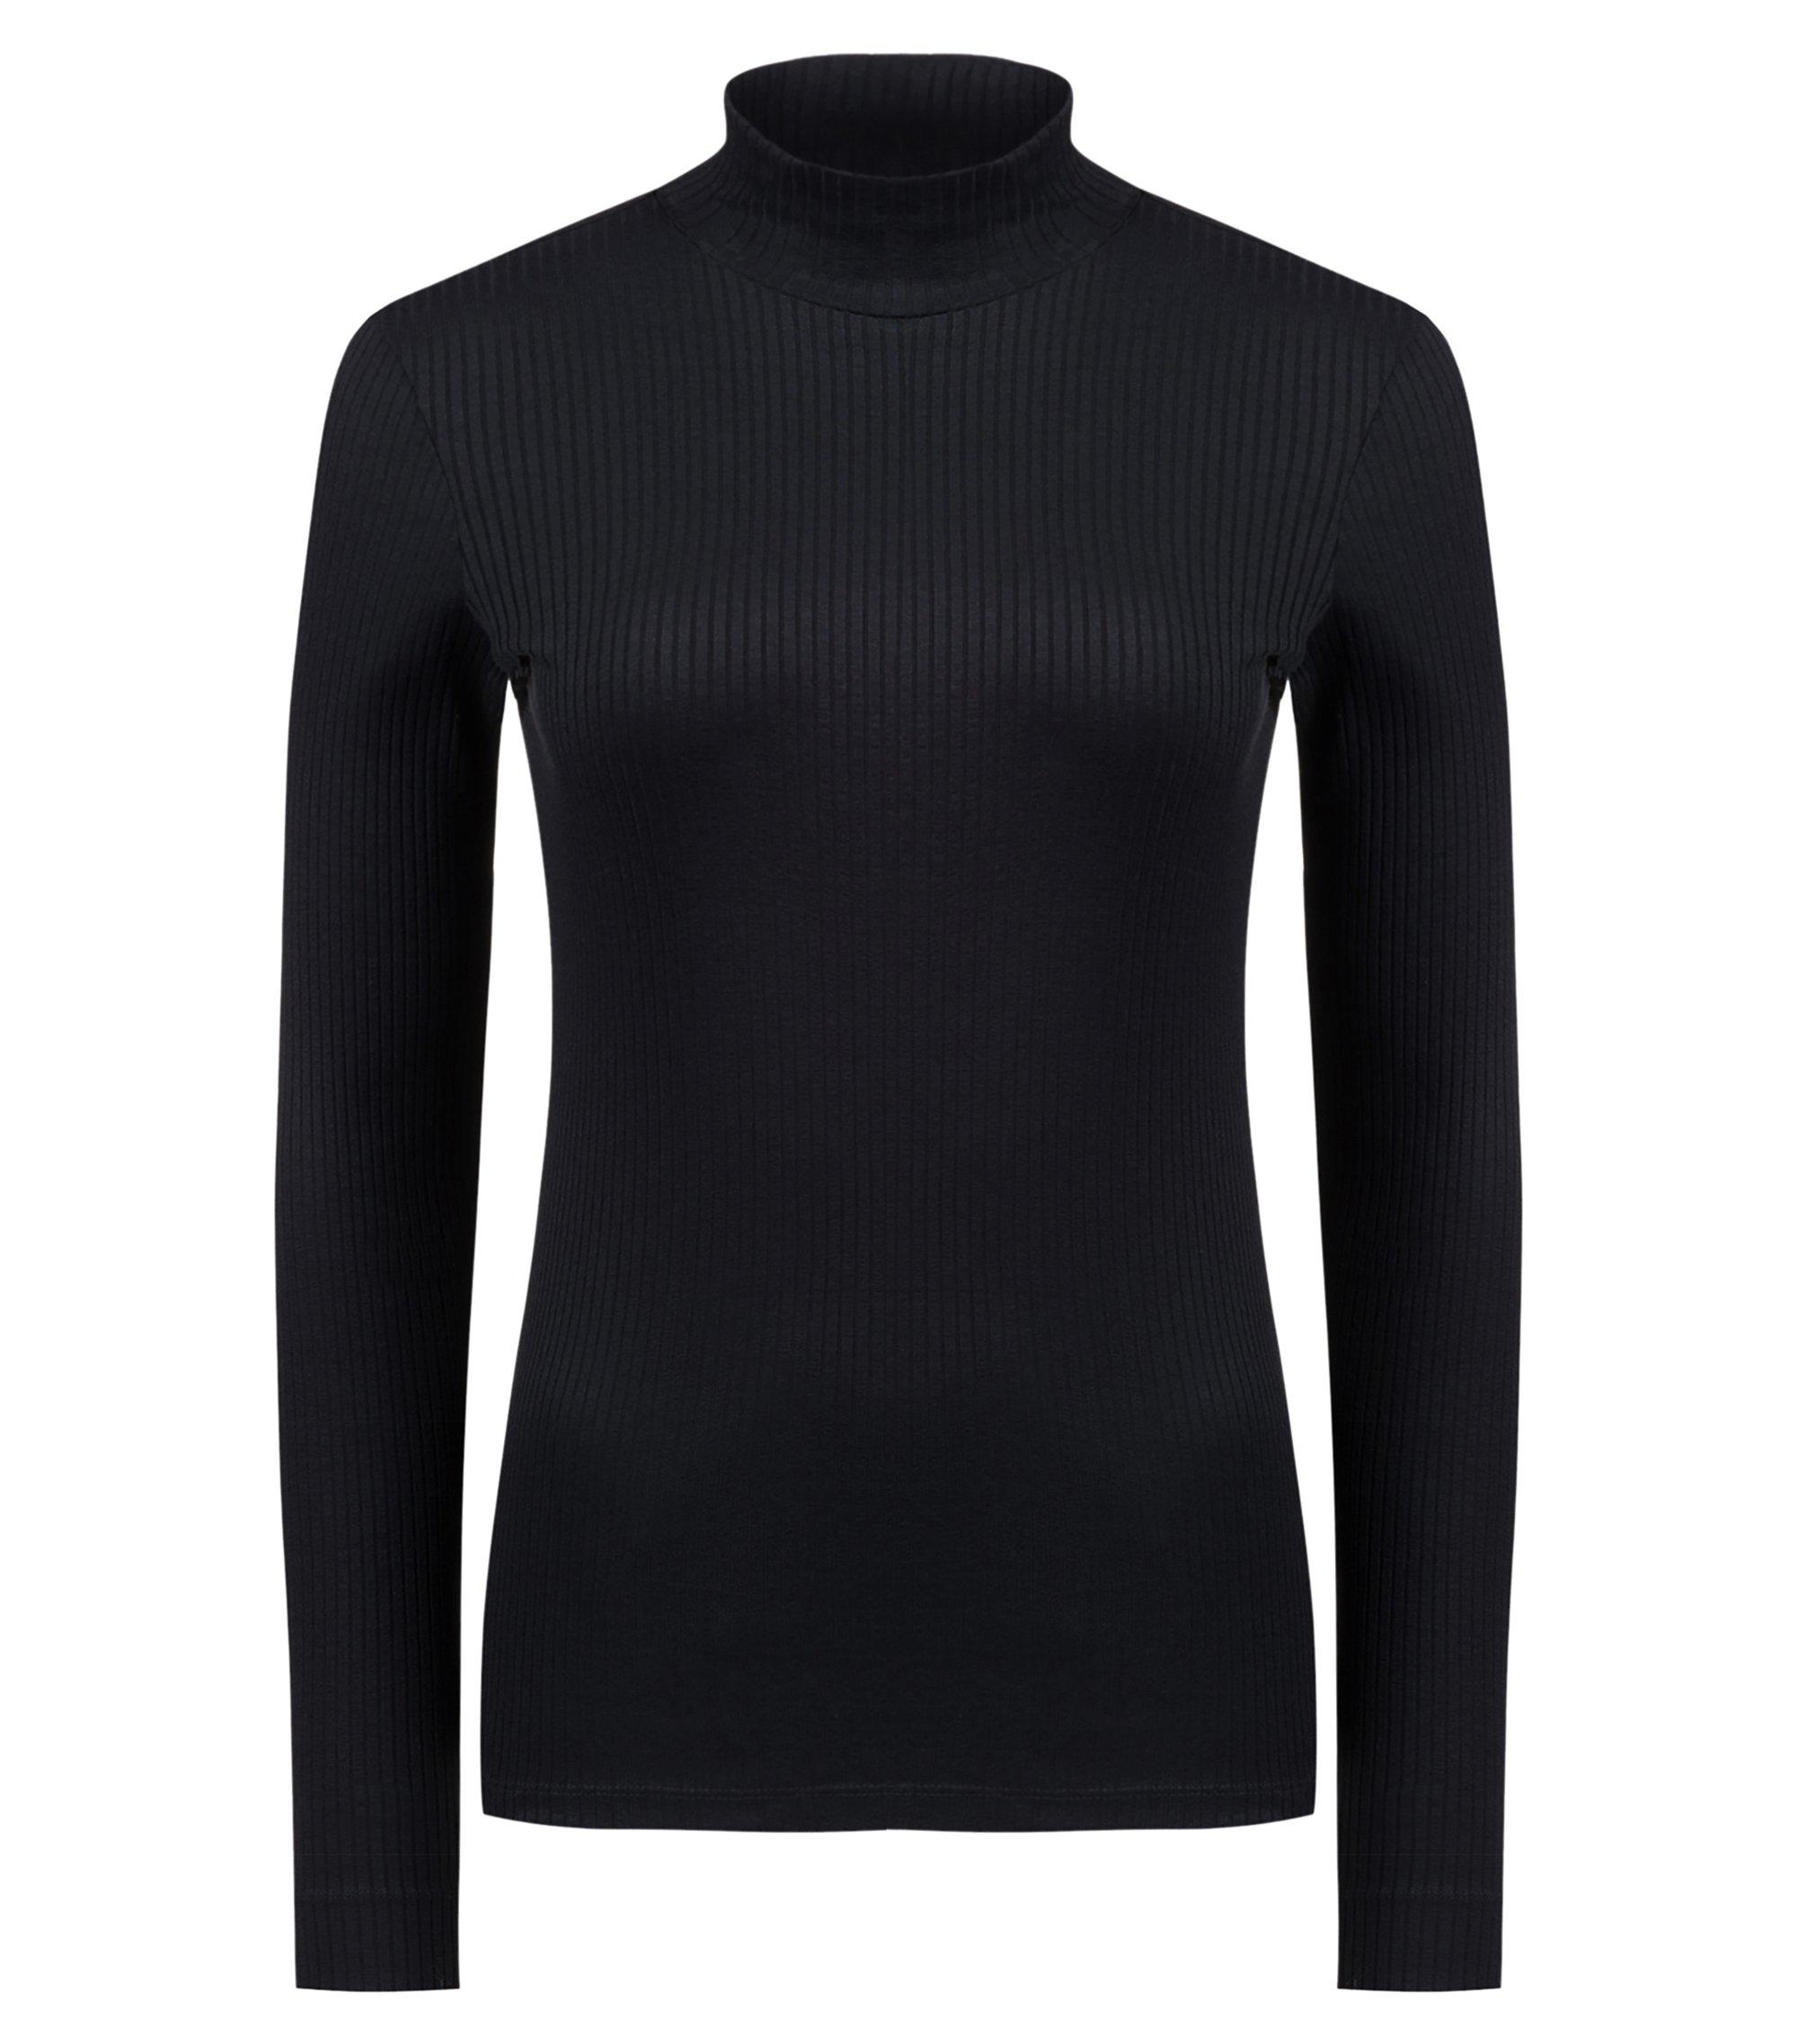 Camiseta slim fit de manga larga y canalé con cuello alto, Negro